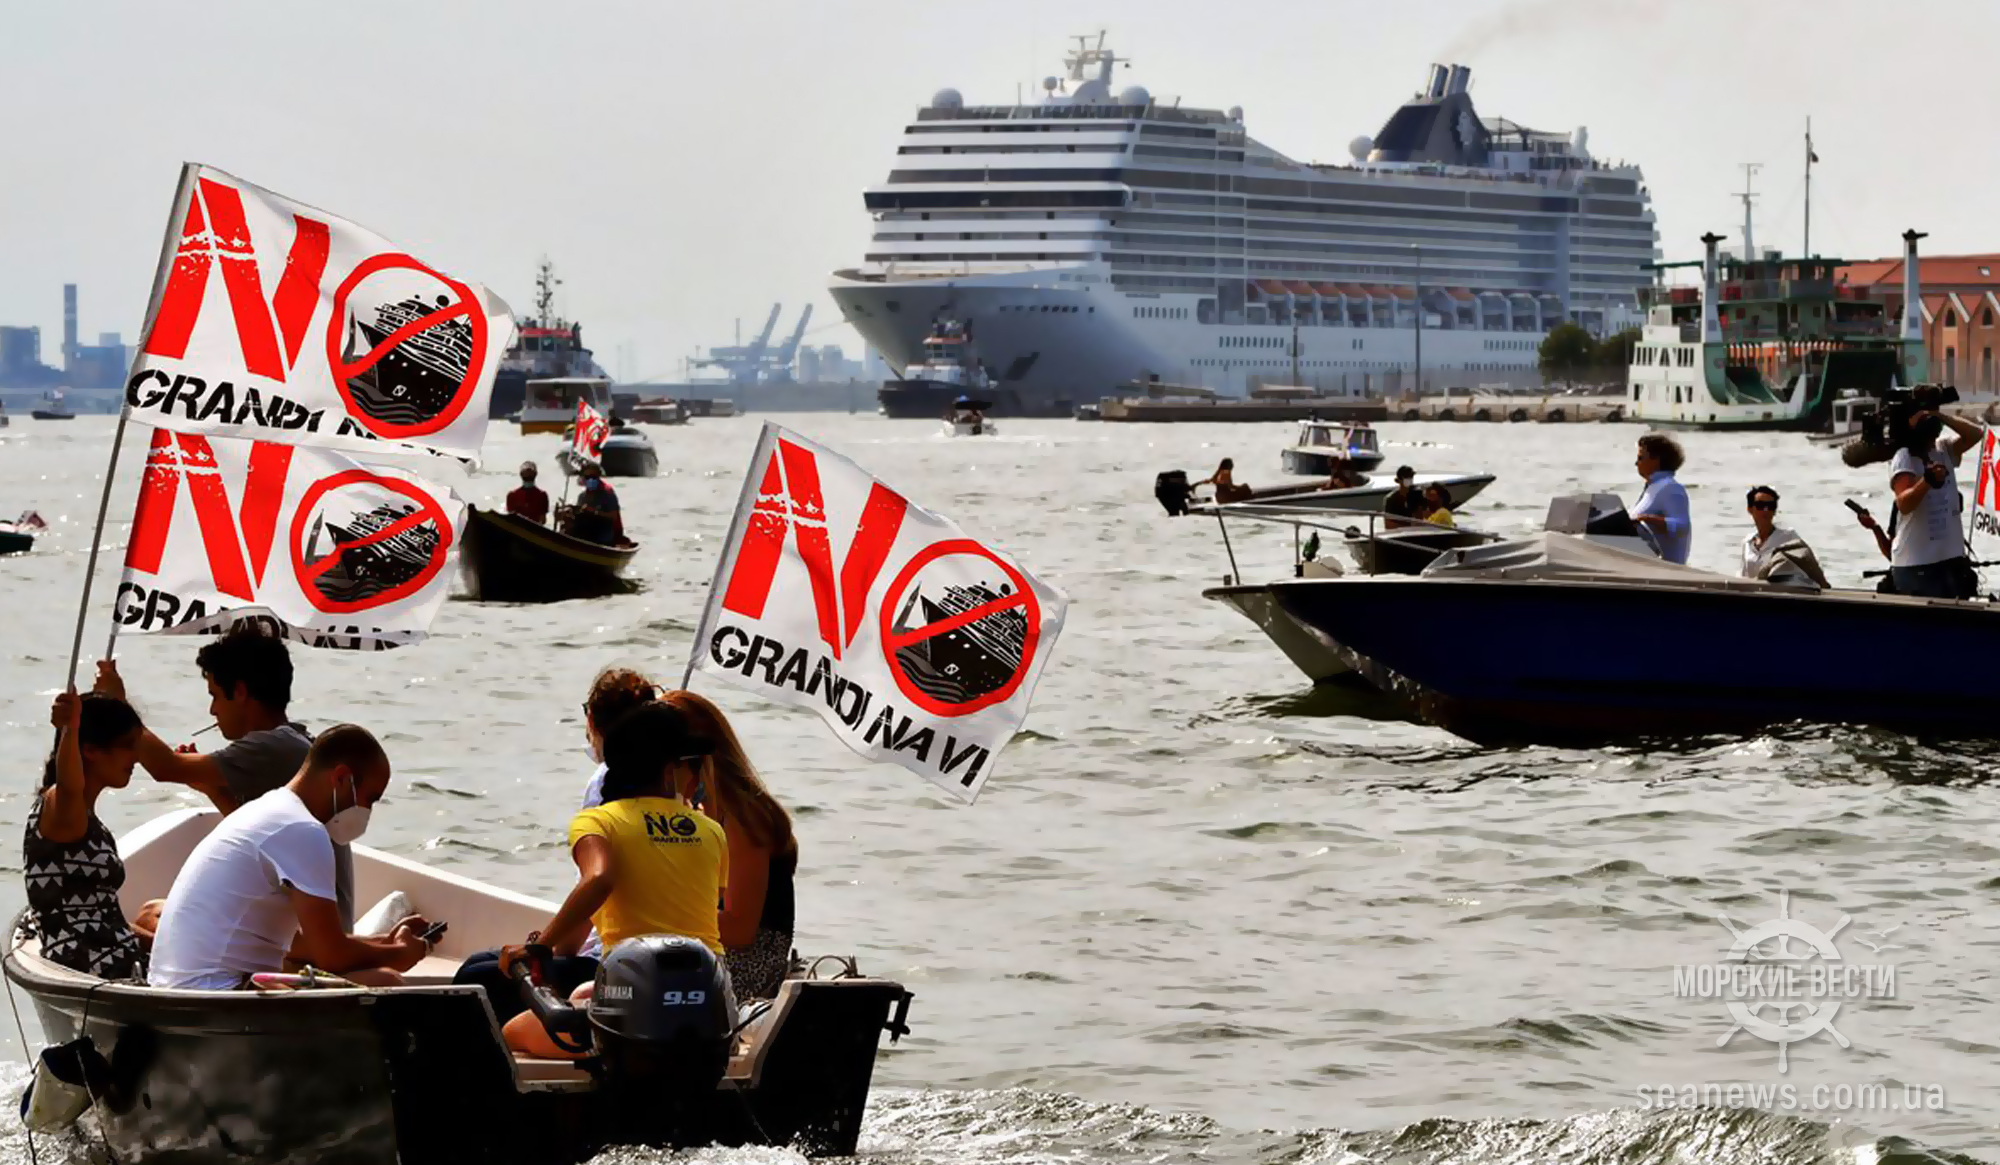 Жители Венеции выступили против возвращения круизных лайнеров